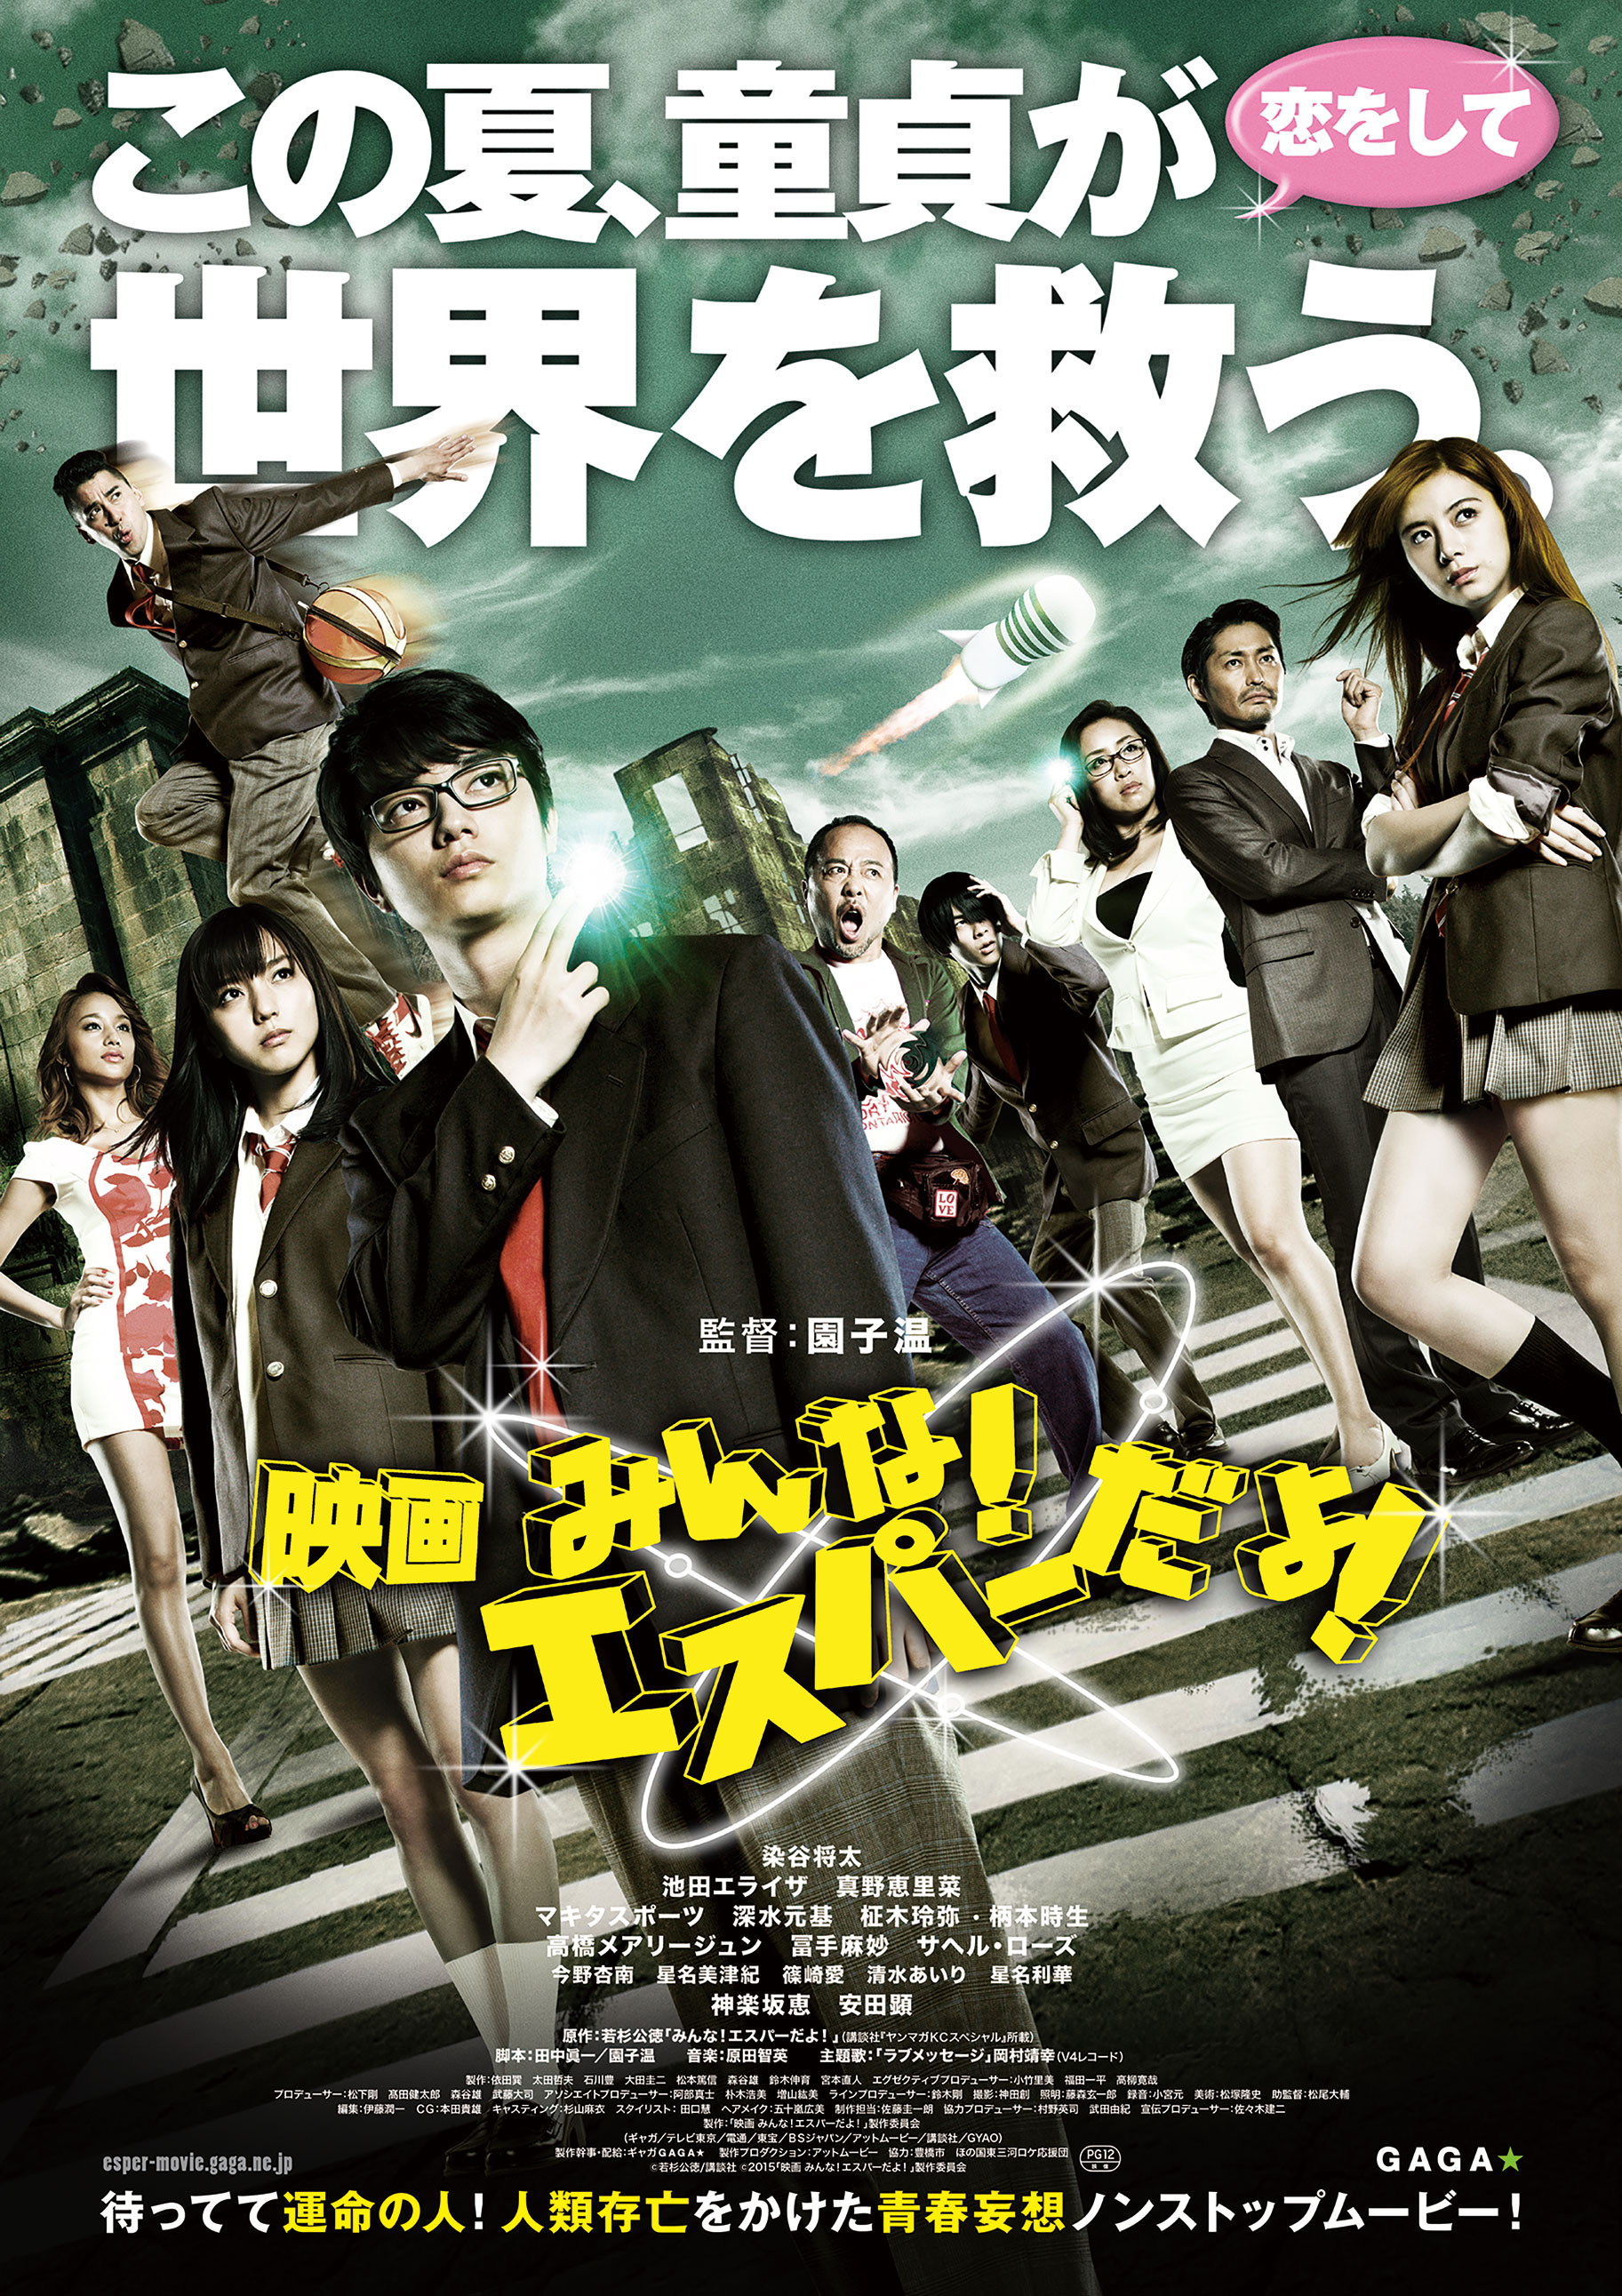 【映画】今年、園子温YEAR!9月4日(金)全国ロードショー『映画 みんな!エスパーだよ!』のみどこ